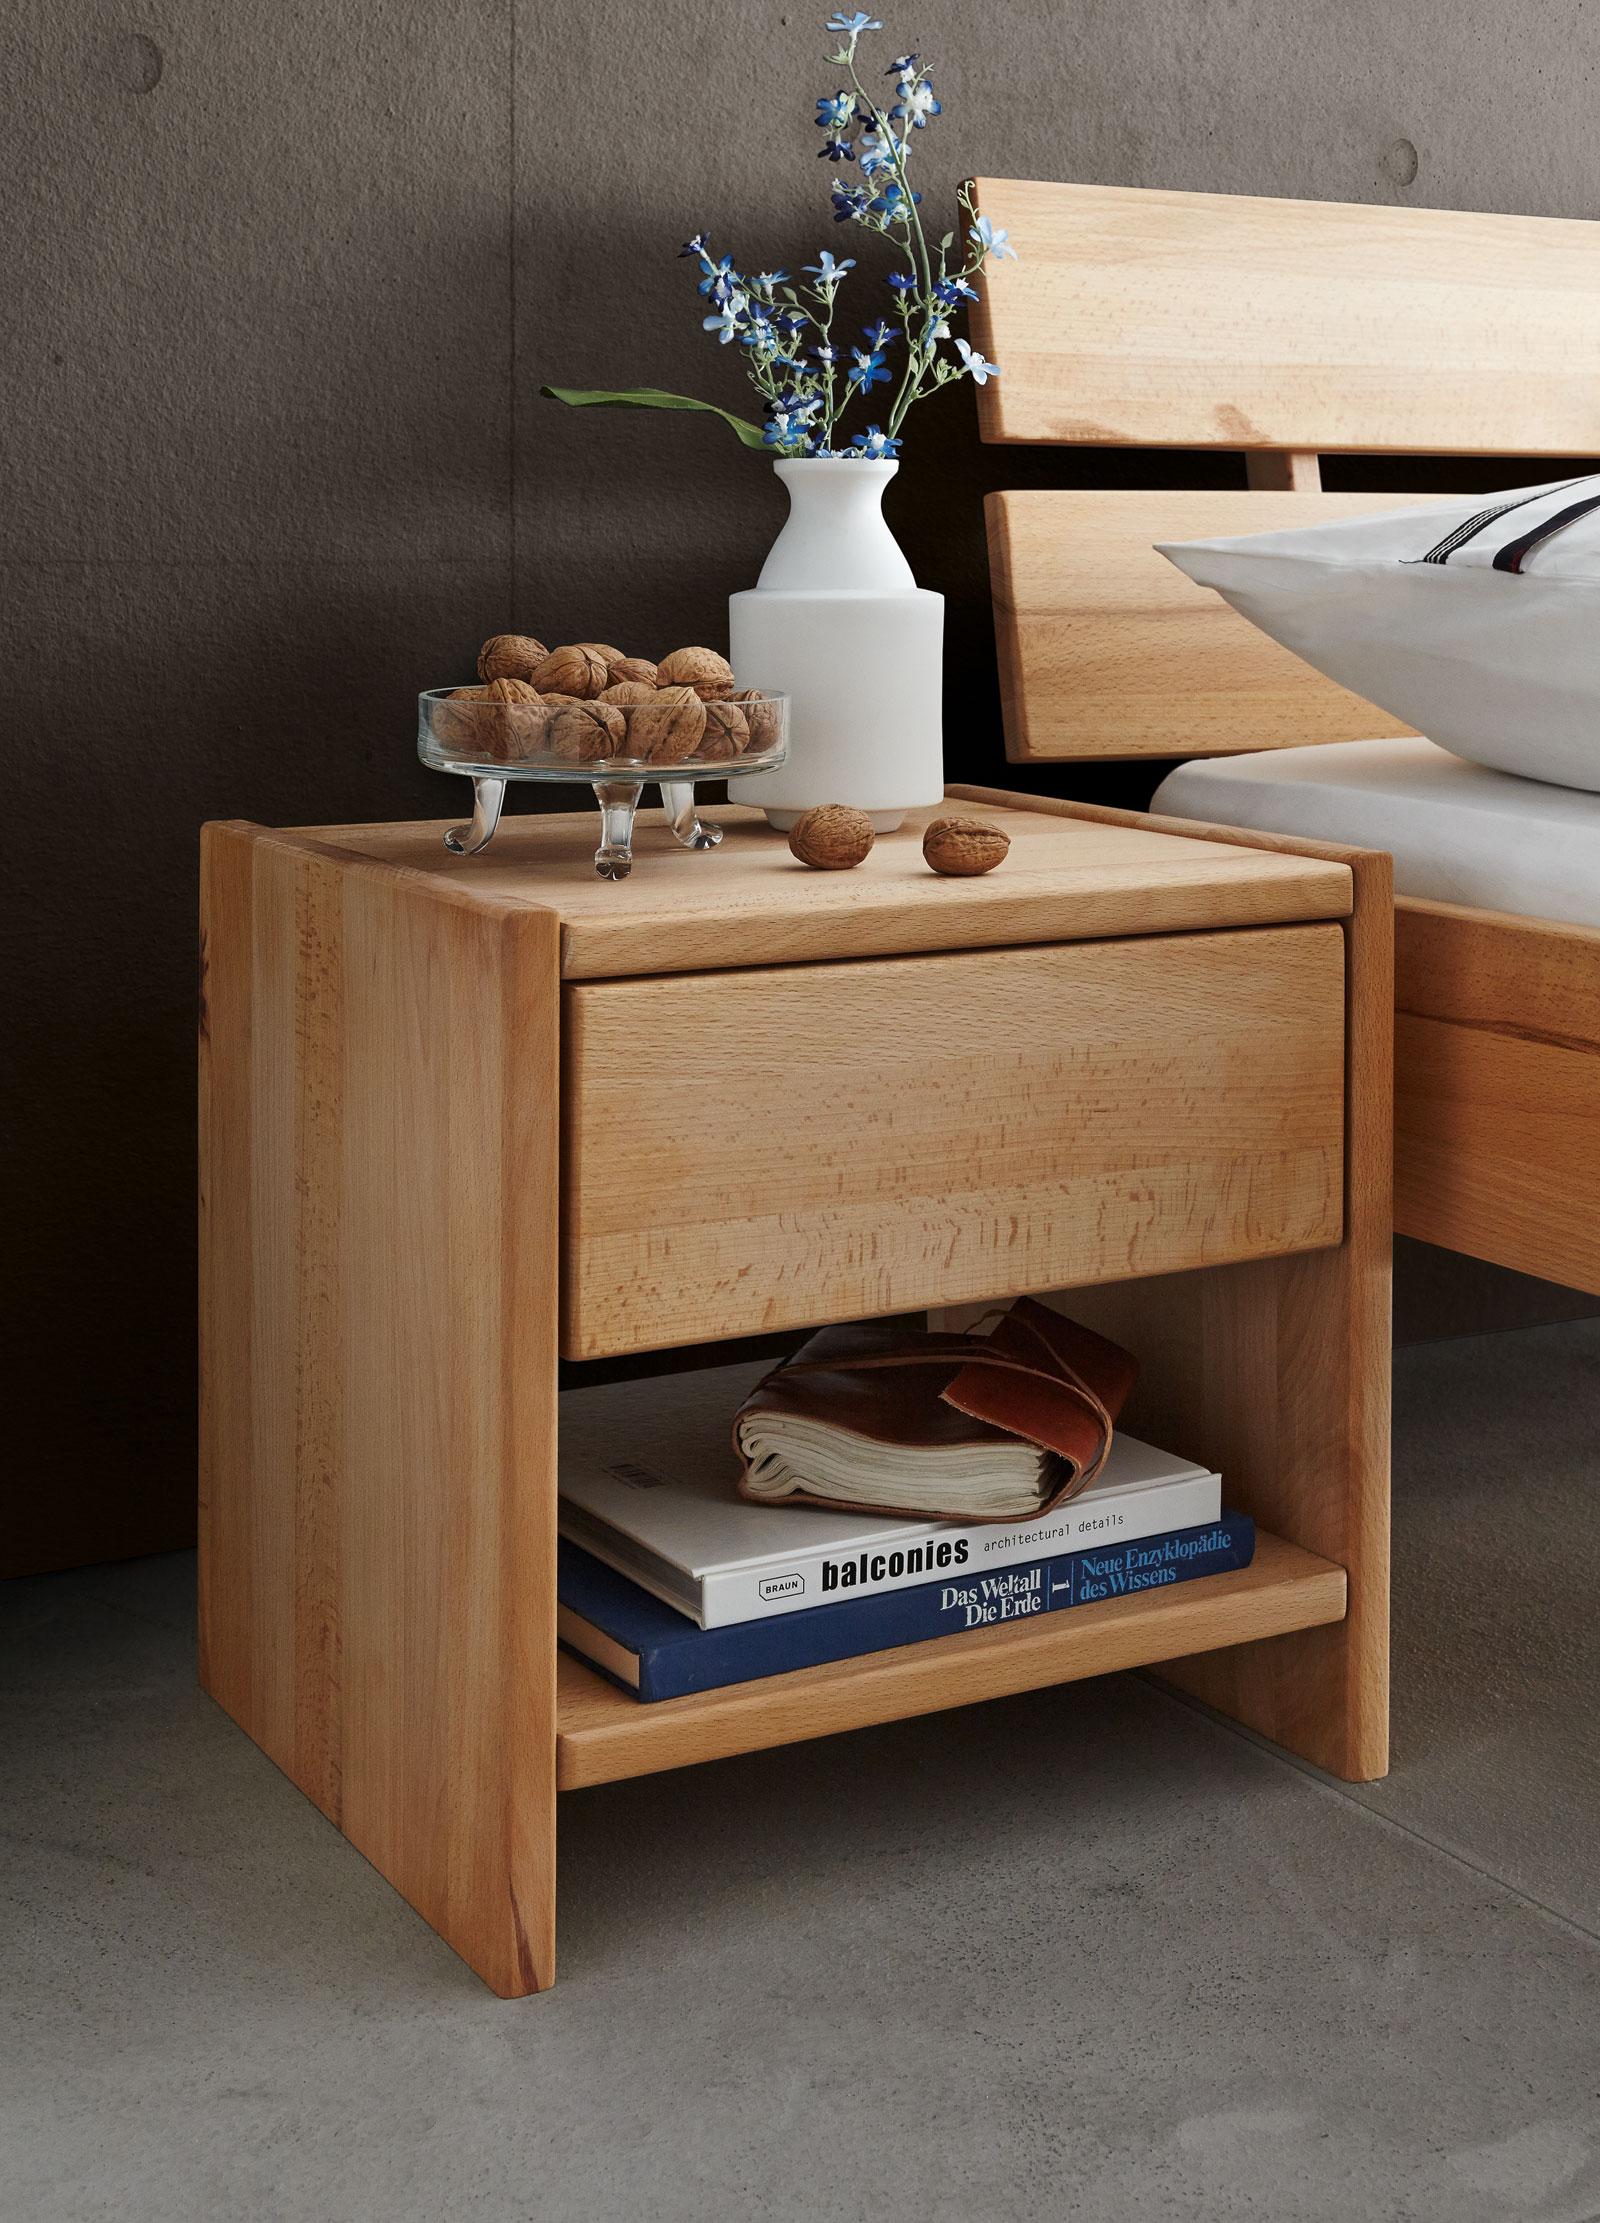 nachttisch buche interesting with nachttisch buche perfect zum produkt relita nachttisch buche. Black Bedroom Furniture Sets. Home Design Ideas